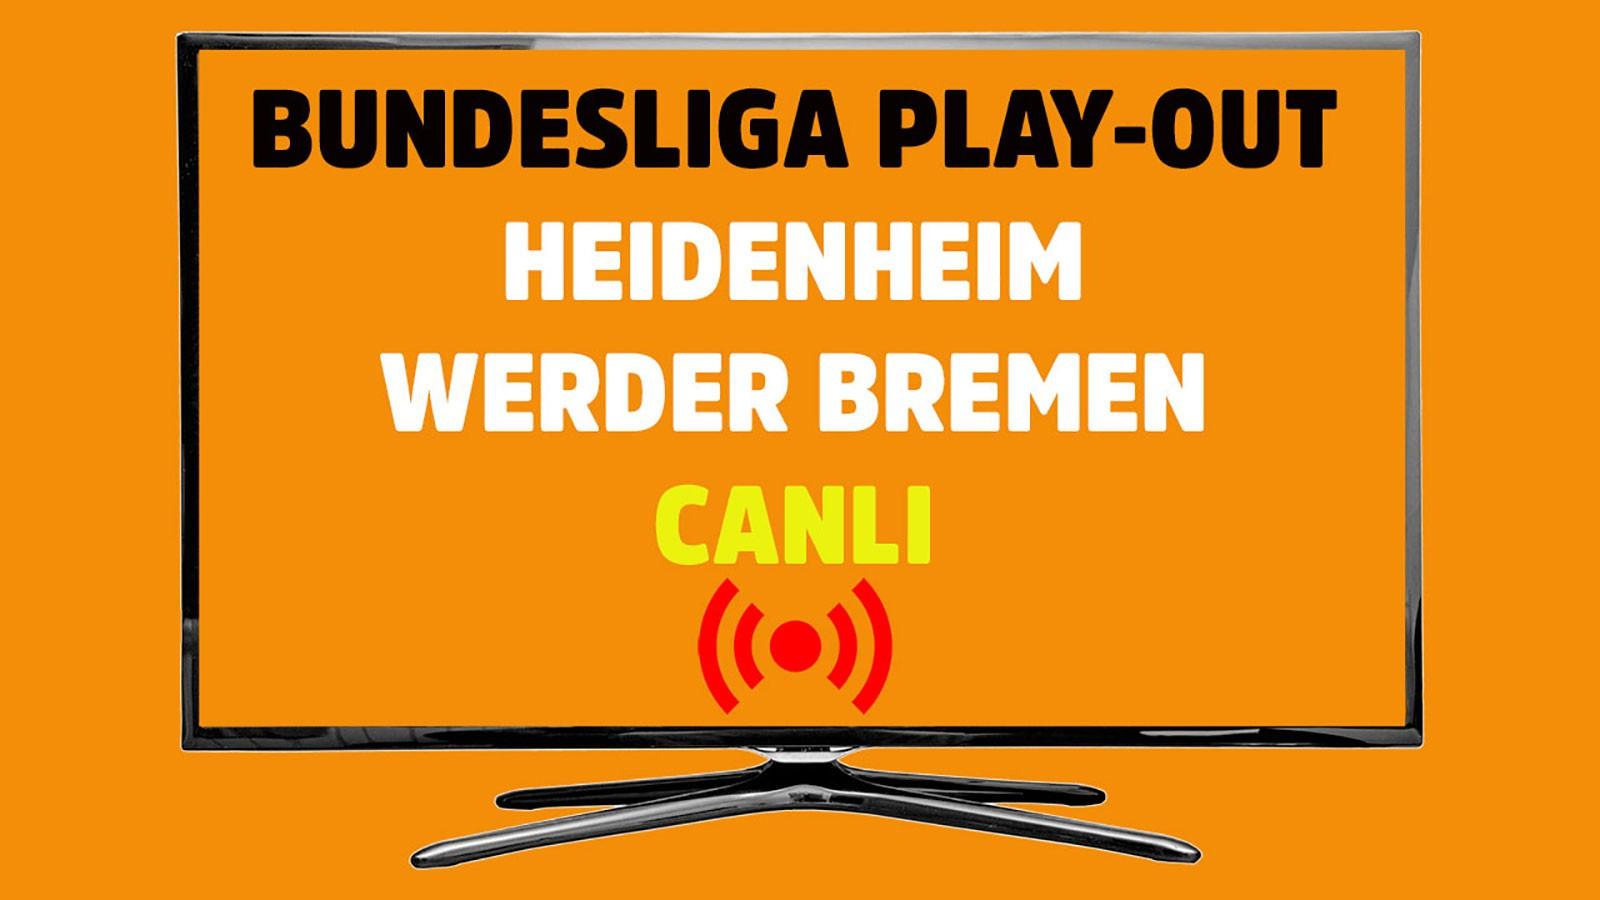 Heidenheim - Werder Bremen CANLI